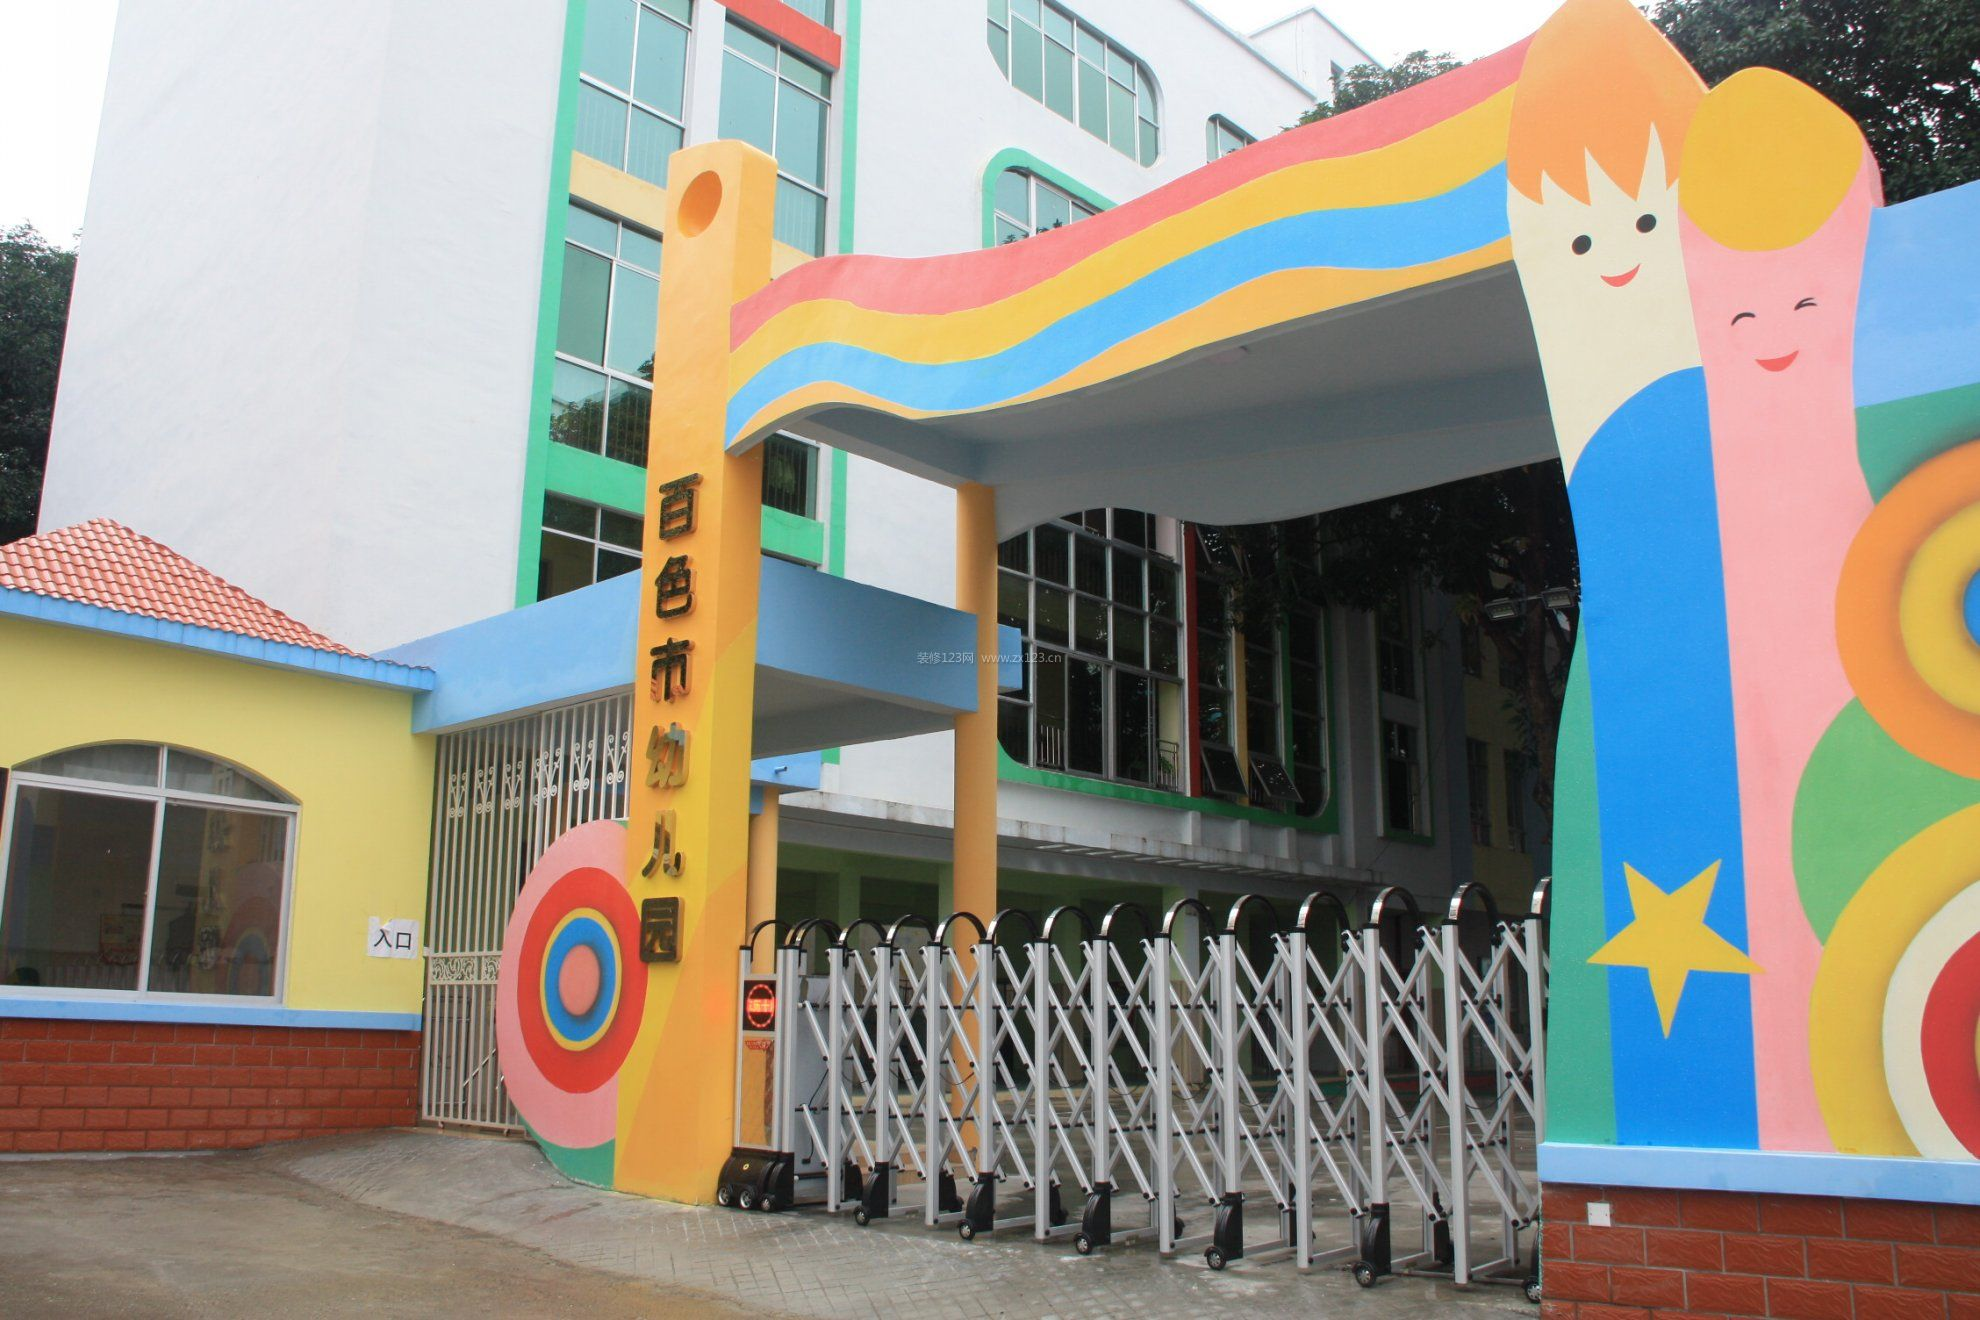 幼儿园外观设计装修墙绘效果图片